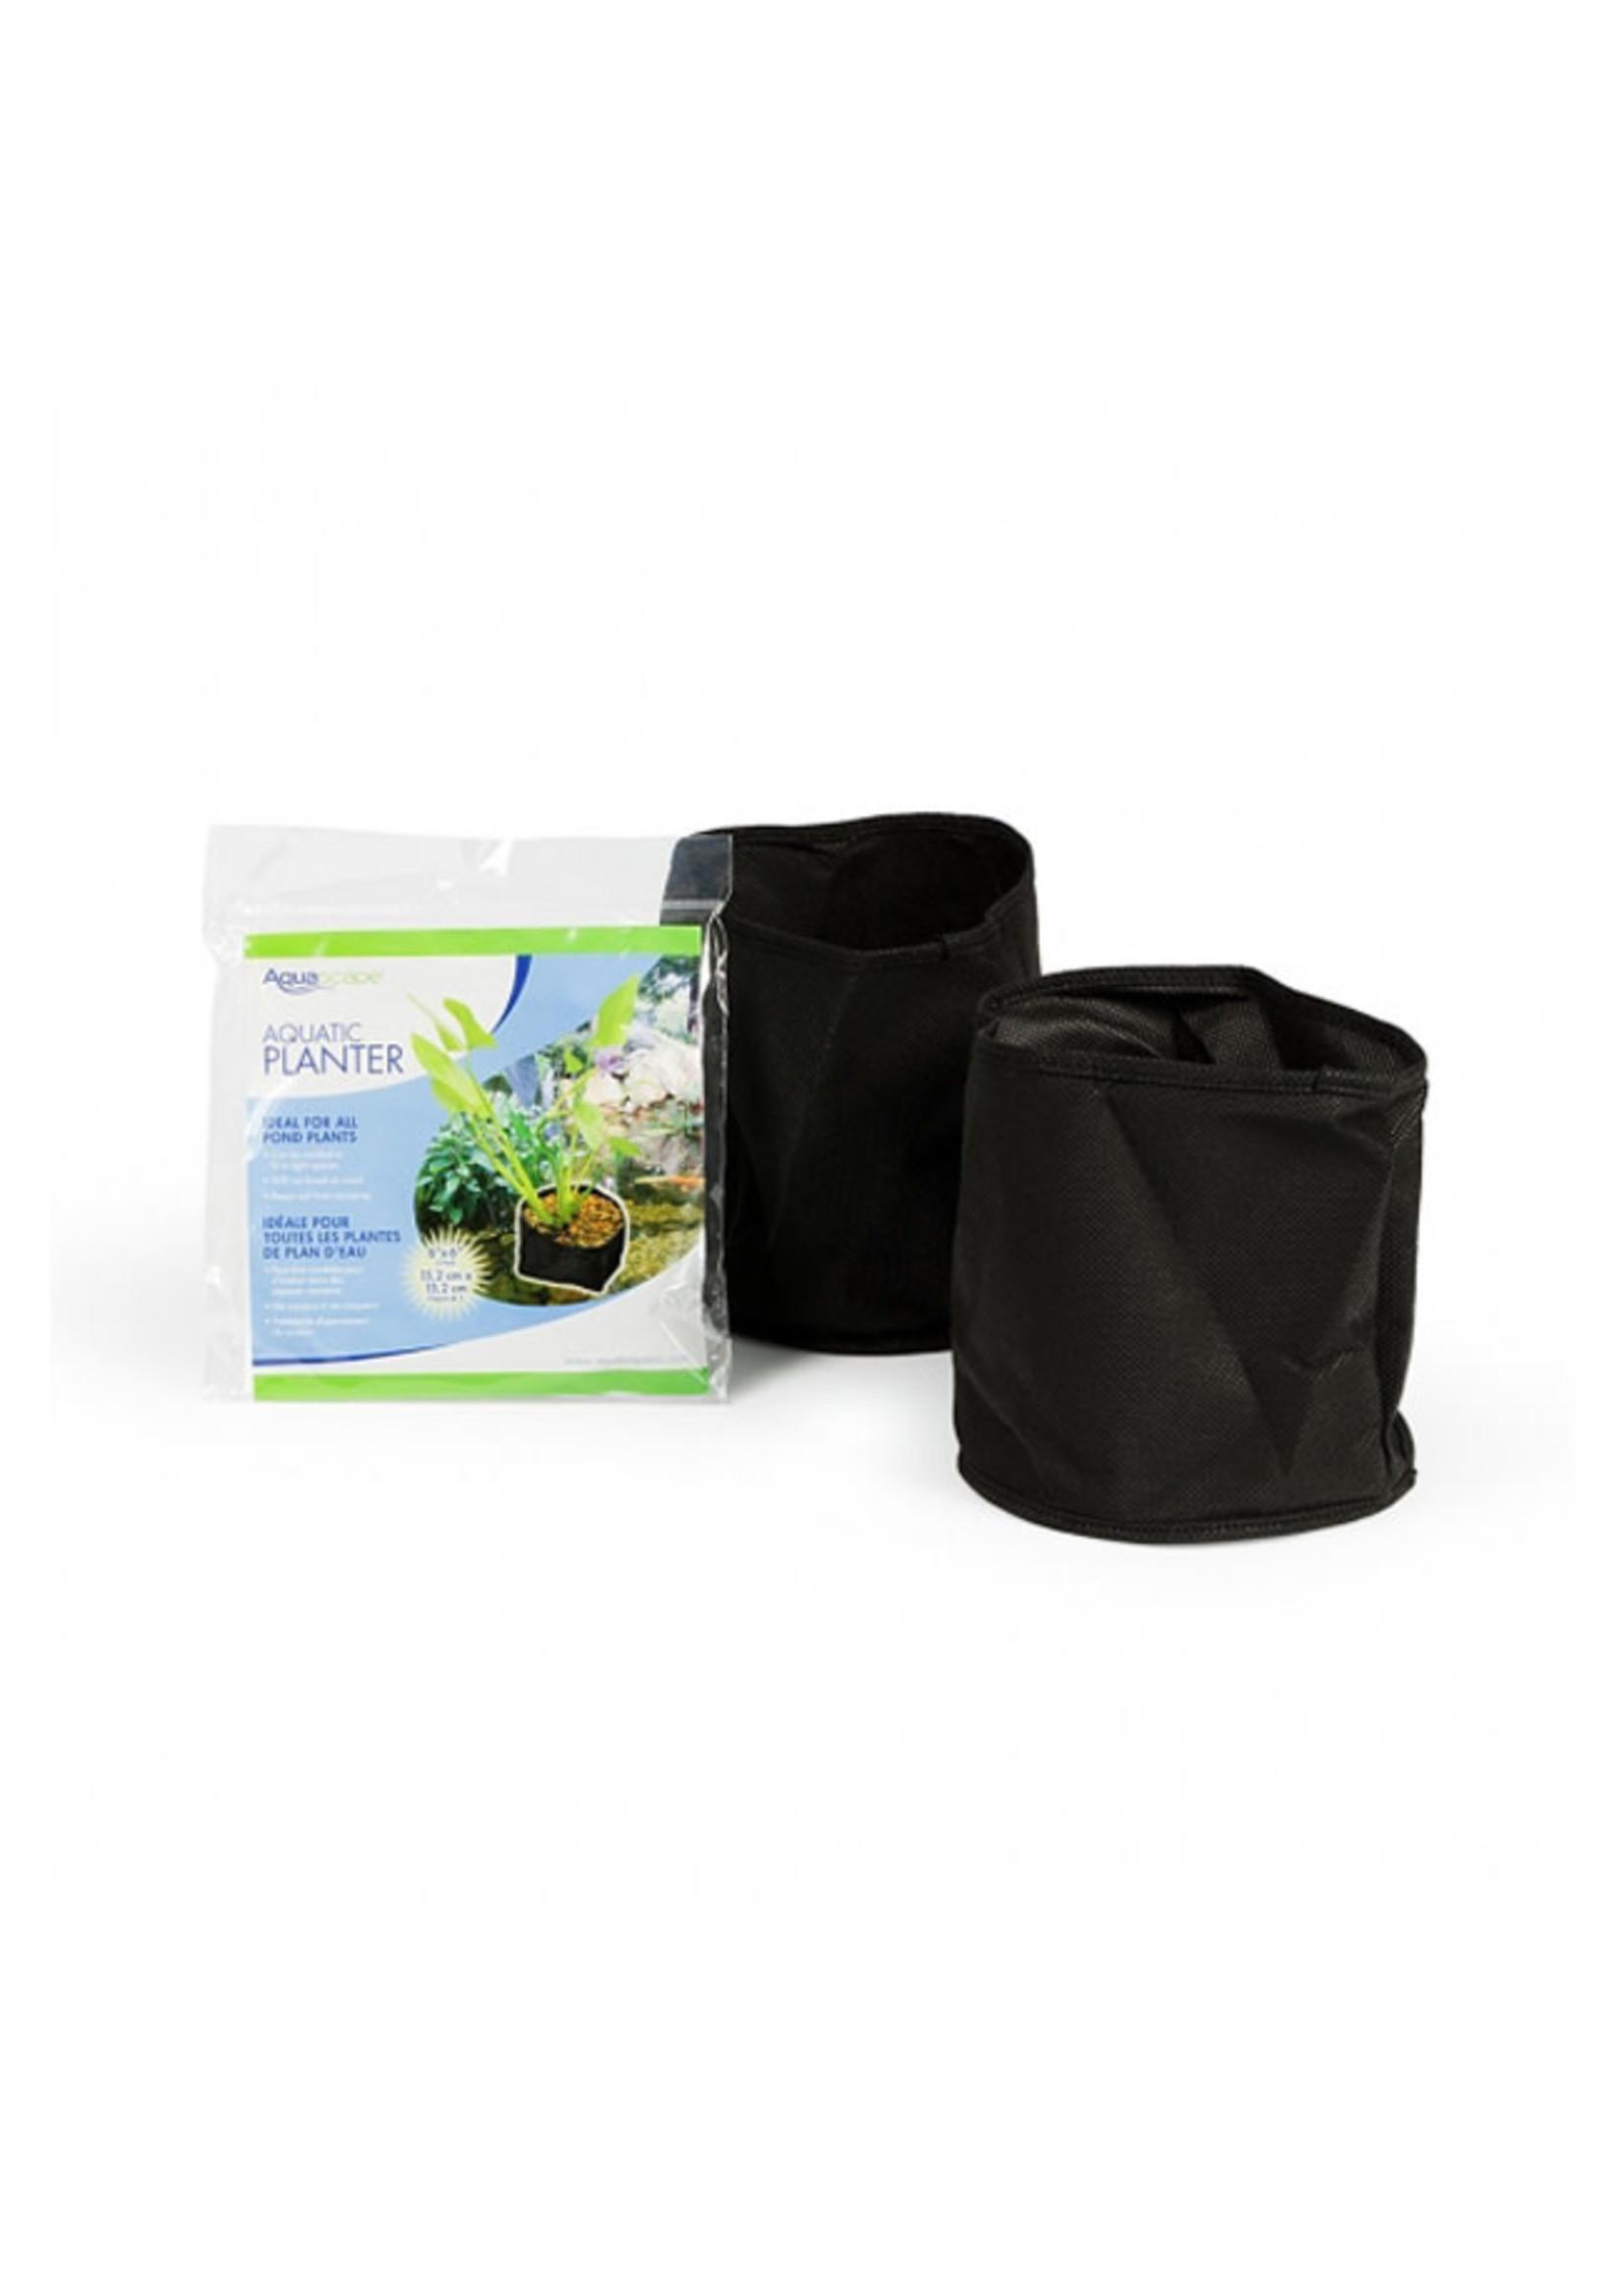 Aquascape Aquascape Aquatic Planter